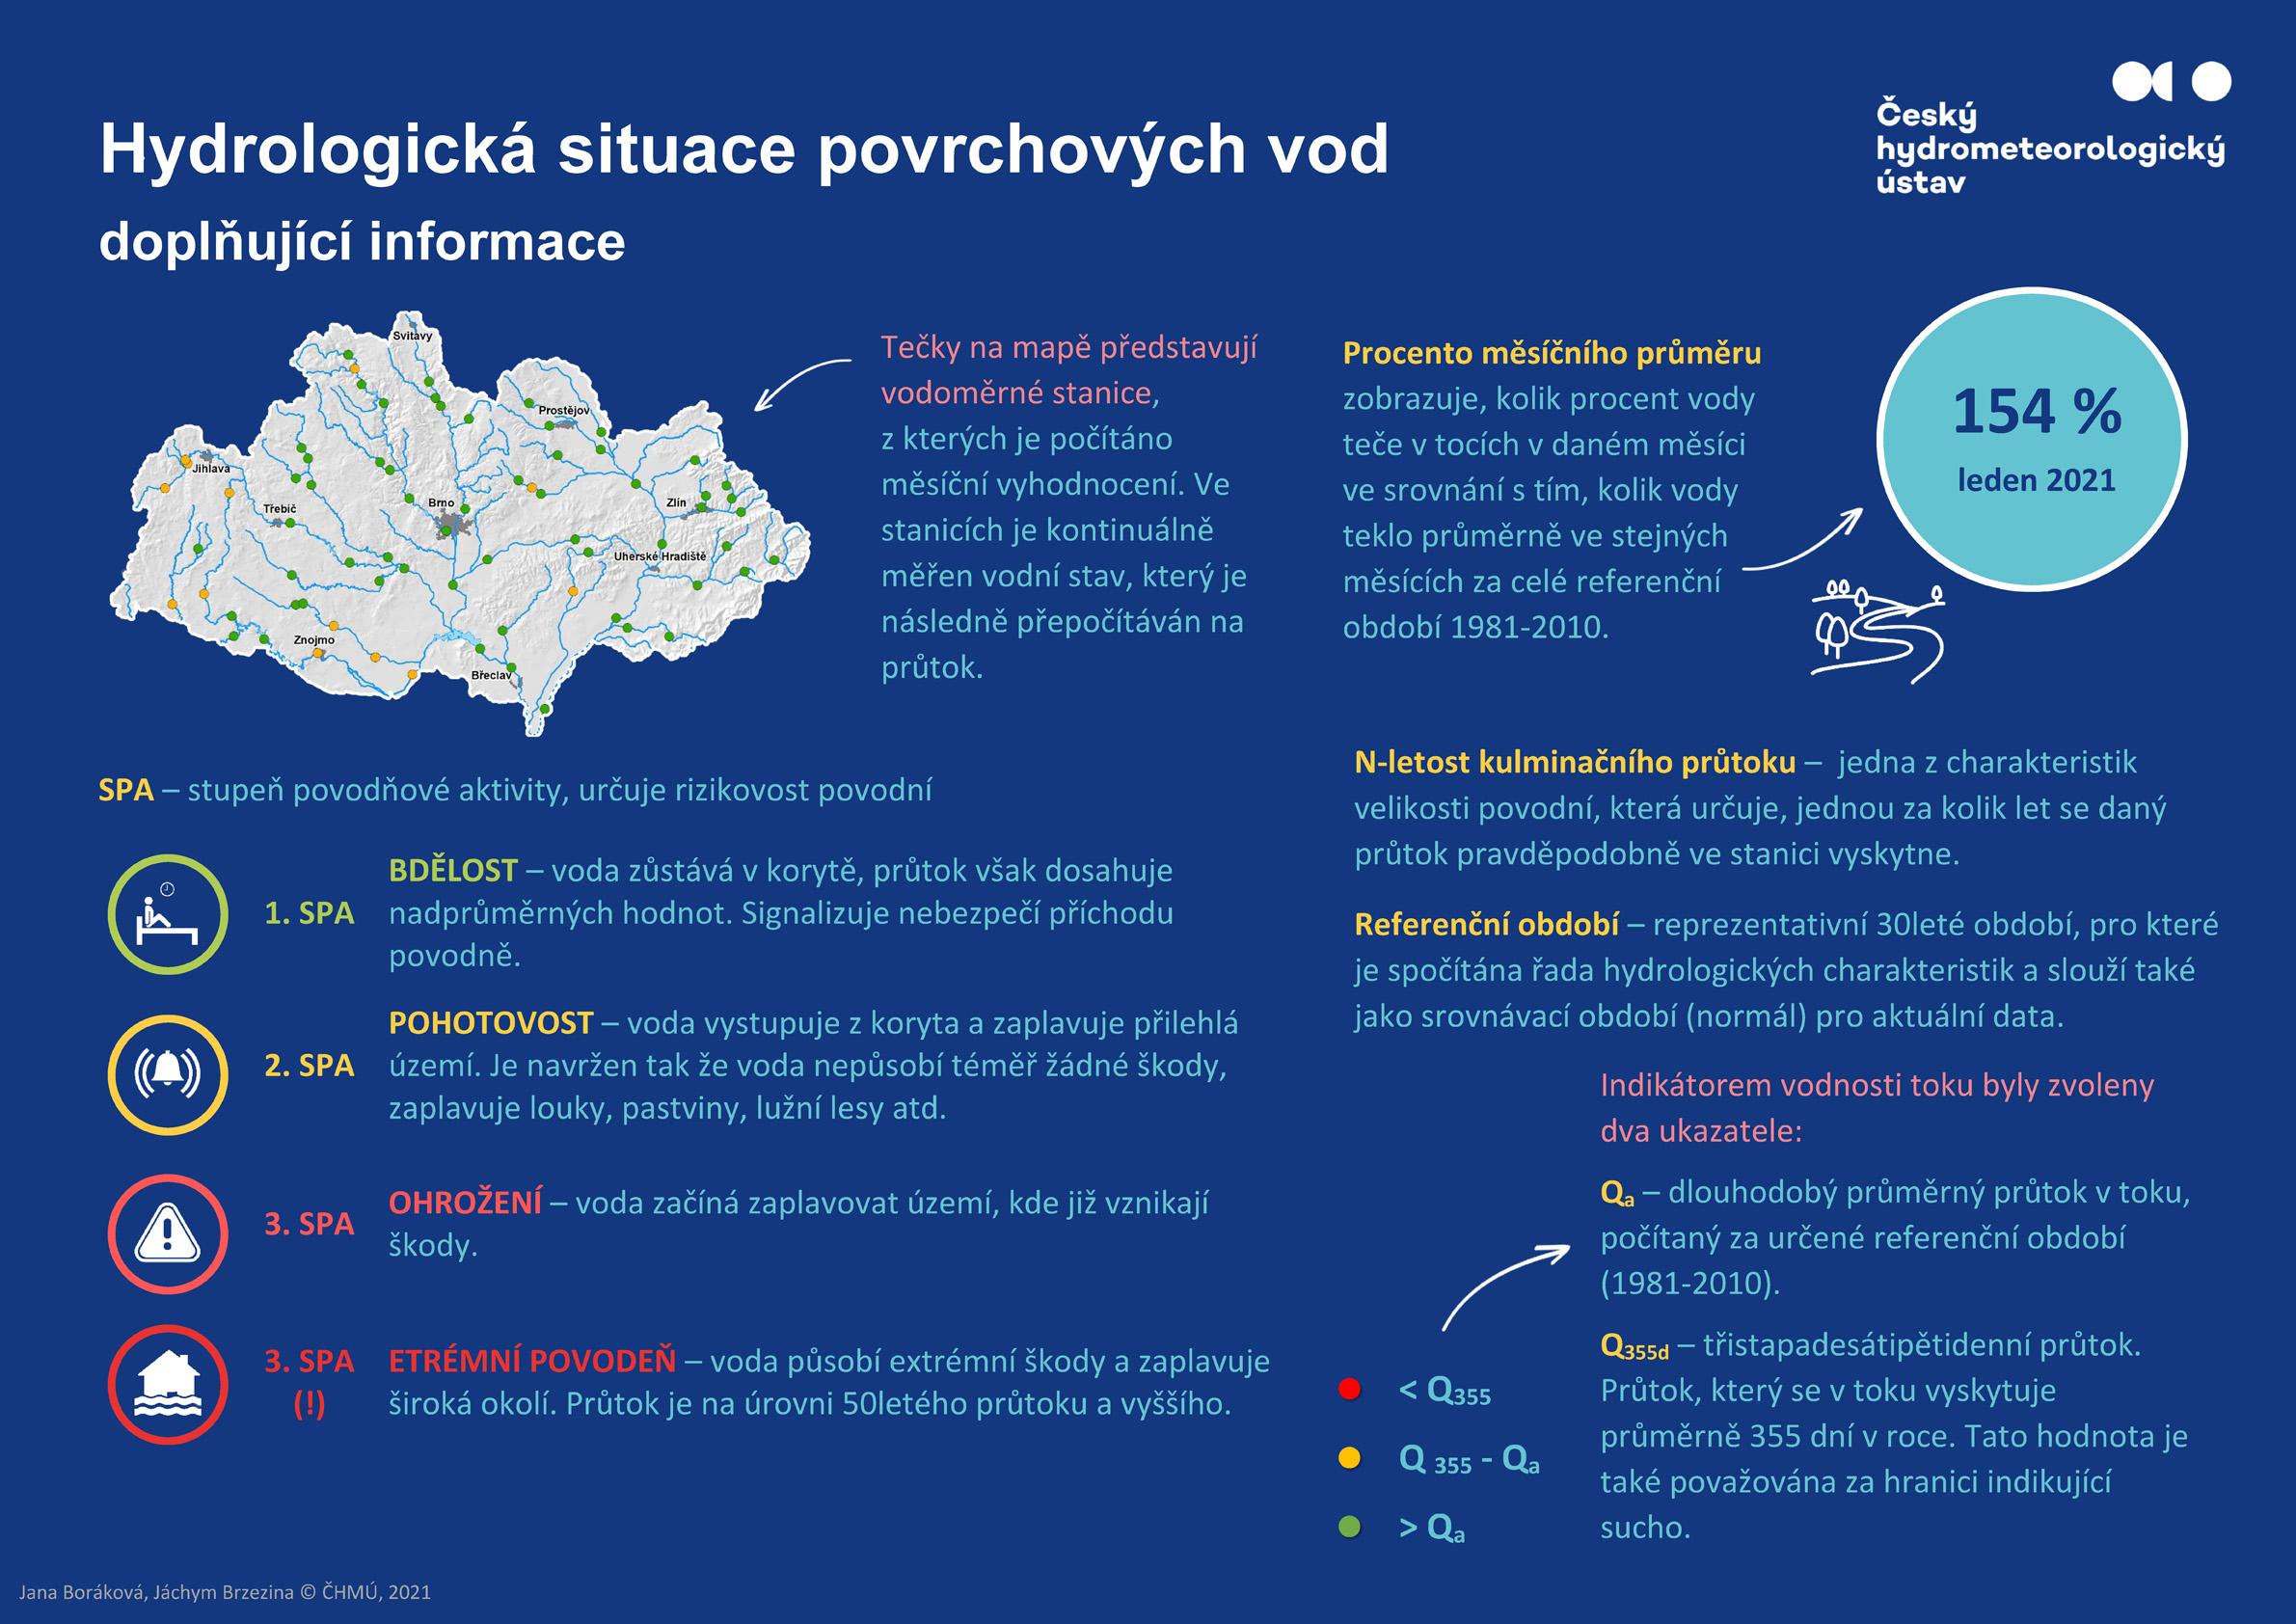 Hydrologická situace povrchových vod – doplňující informace